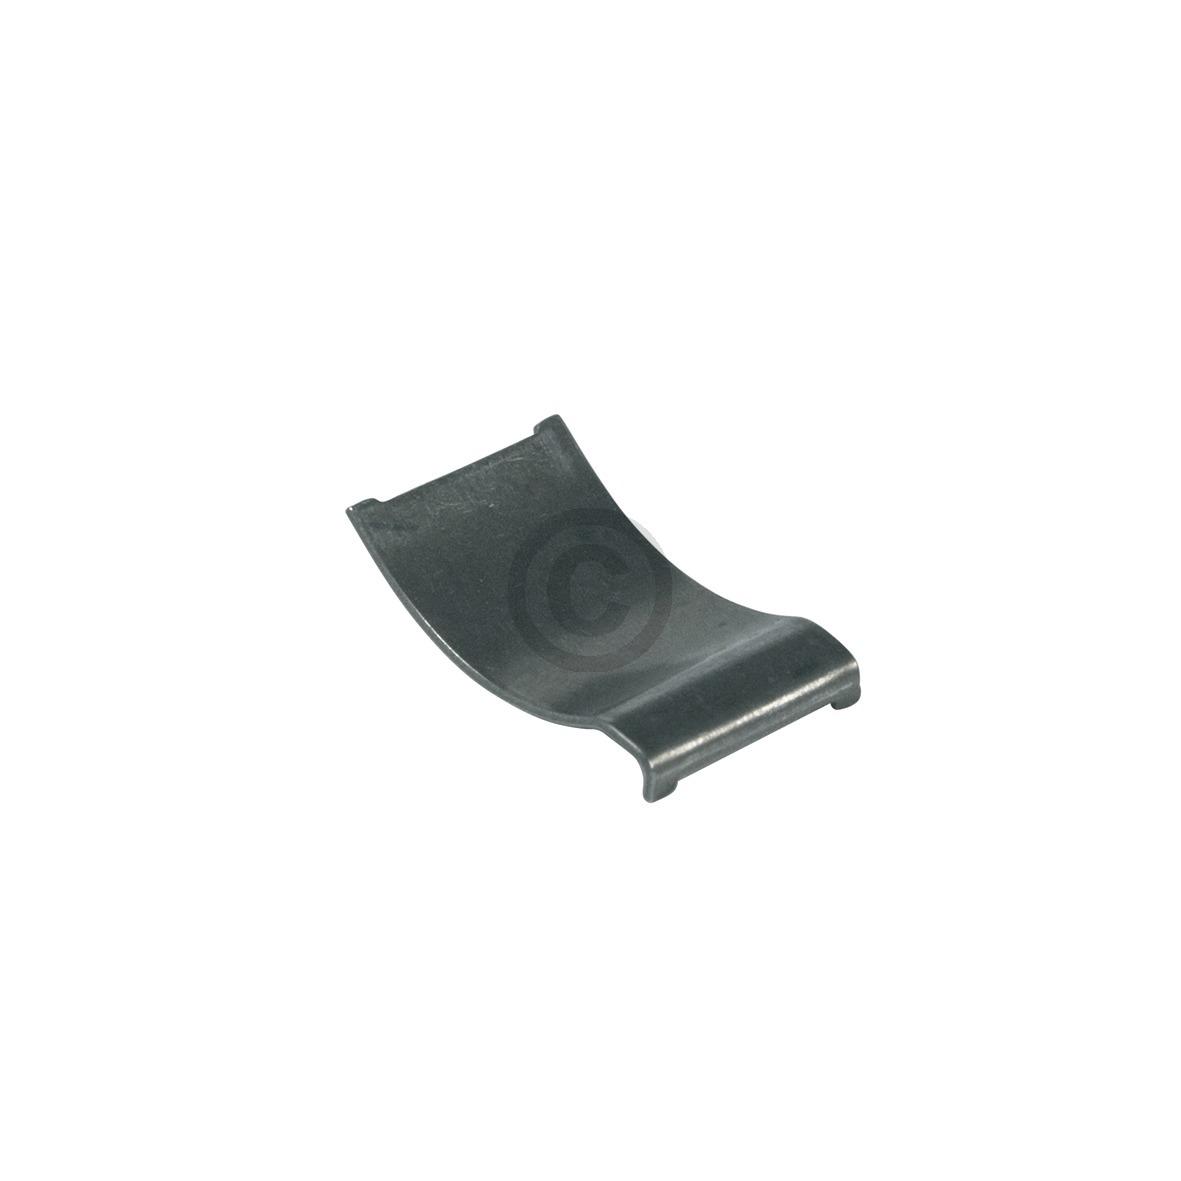 Knebelfeder Bosch 00189303 Blattfeder 14x8mm für Drehgriff Backofen Kochstelle